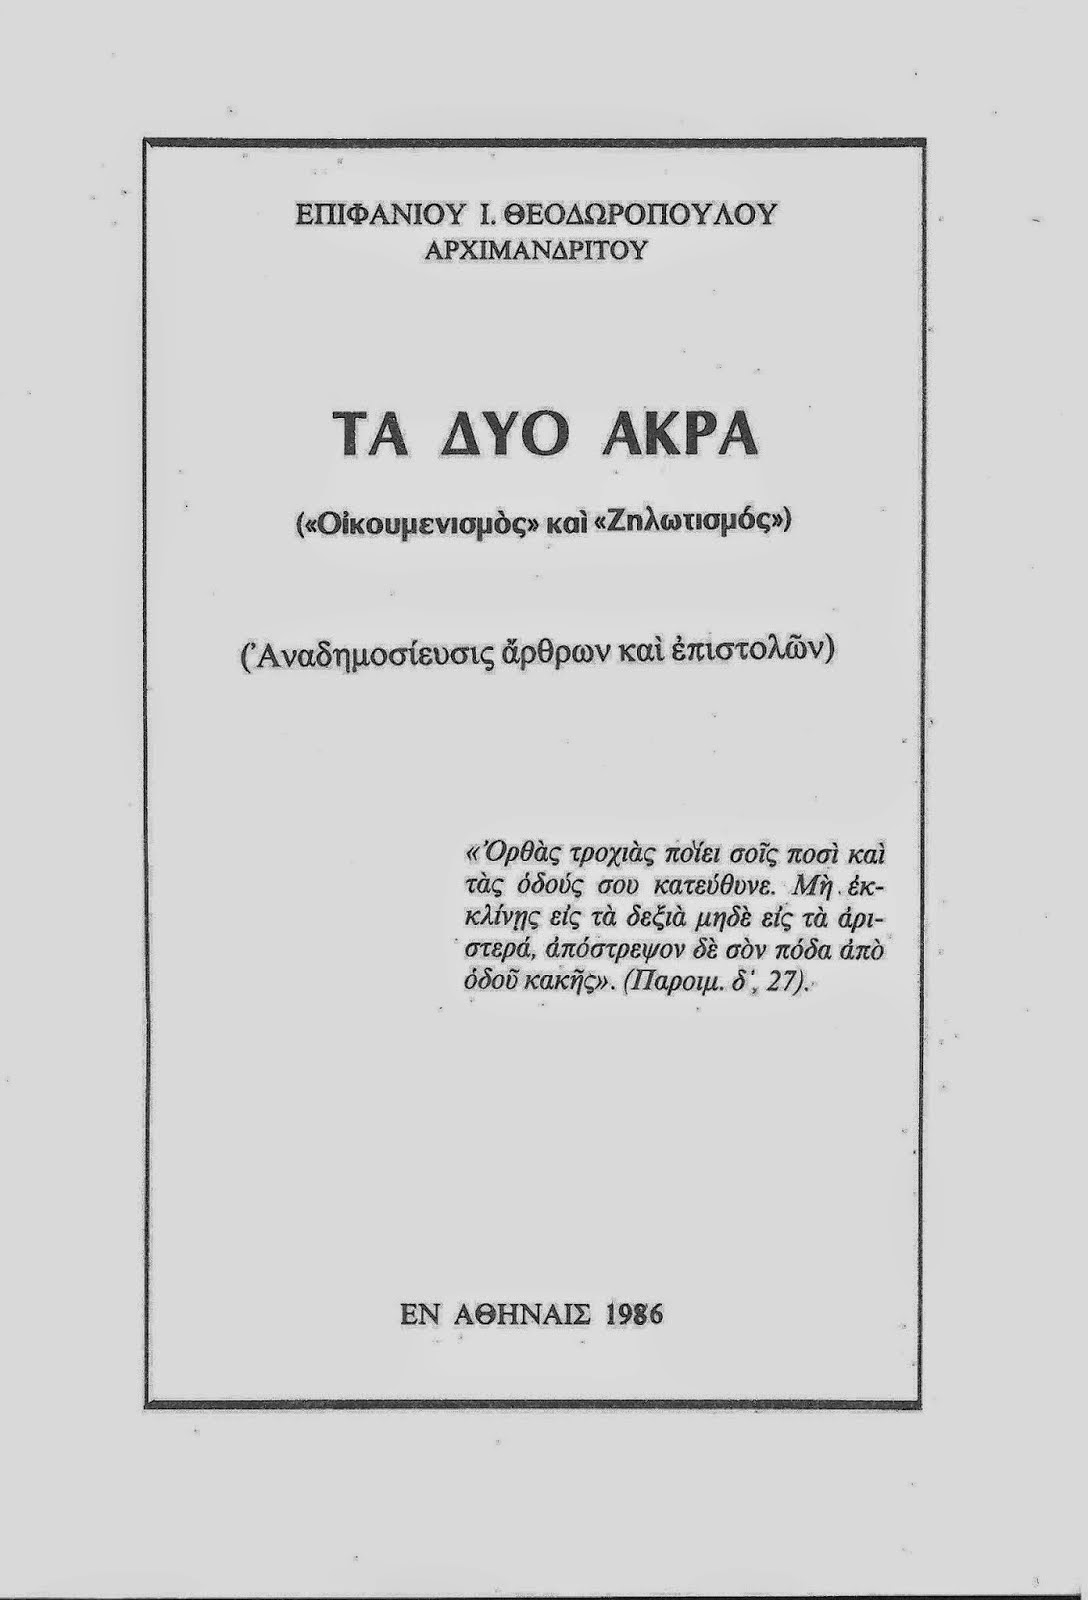 Π. ΕΠΙΦΑΝΙΟΥ ΘΕΟΔΩΡΟΠΟΥΛΟΥ